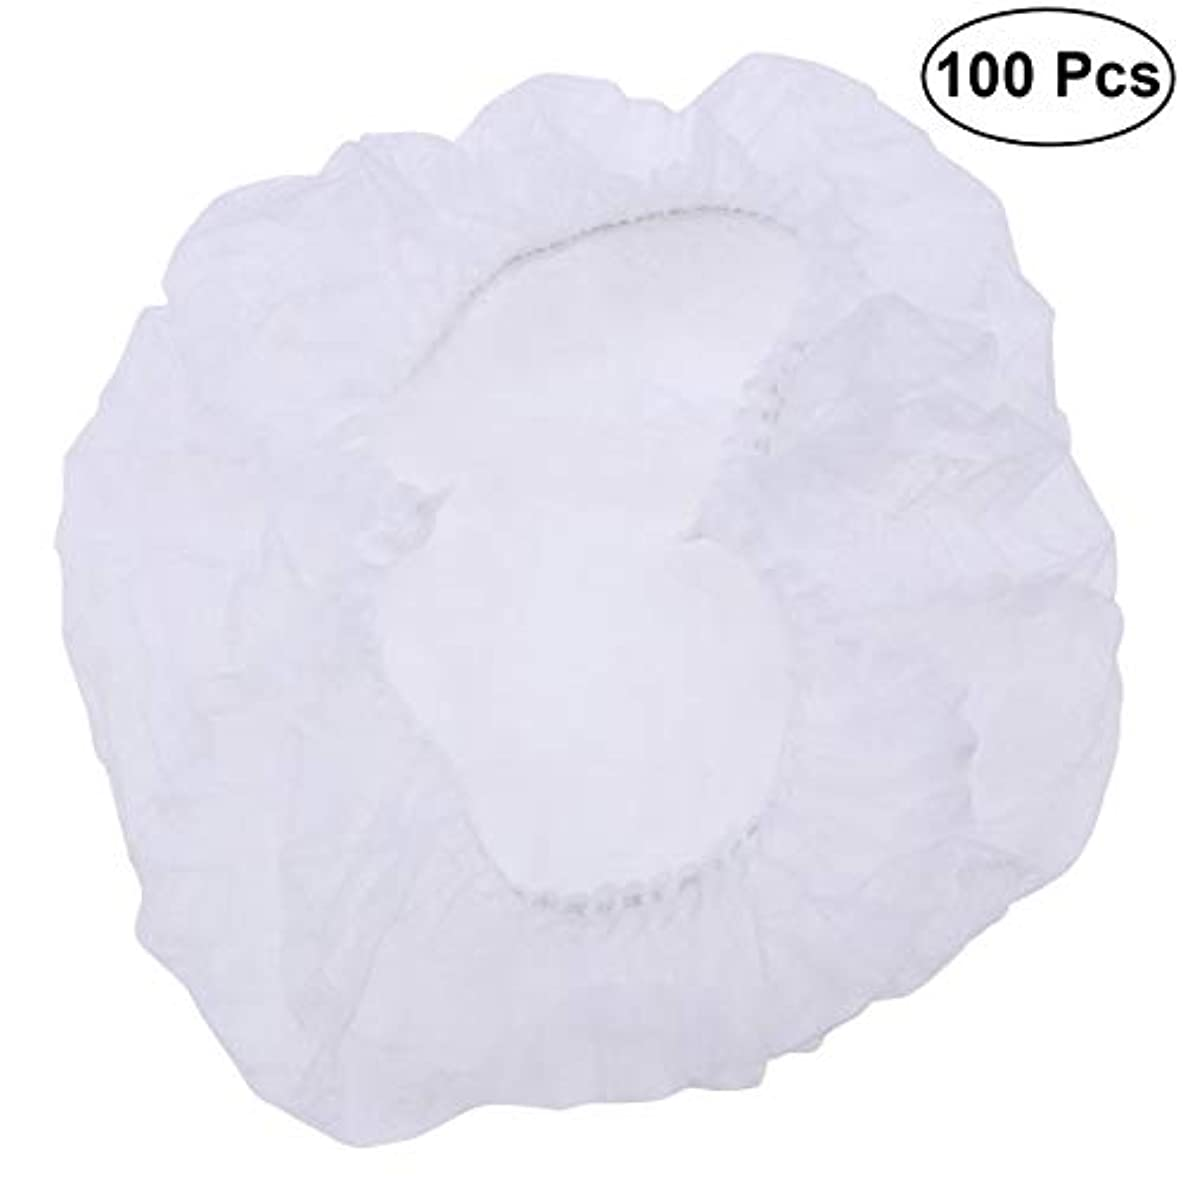 落ちたの間に受取人SUPVOX ヘアサロンの家のホテル100pcsのための使い捨て可能なシャワーキャップの伸縮性がある毛の帽子